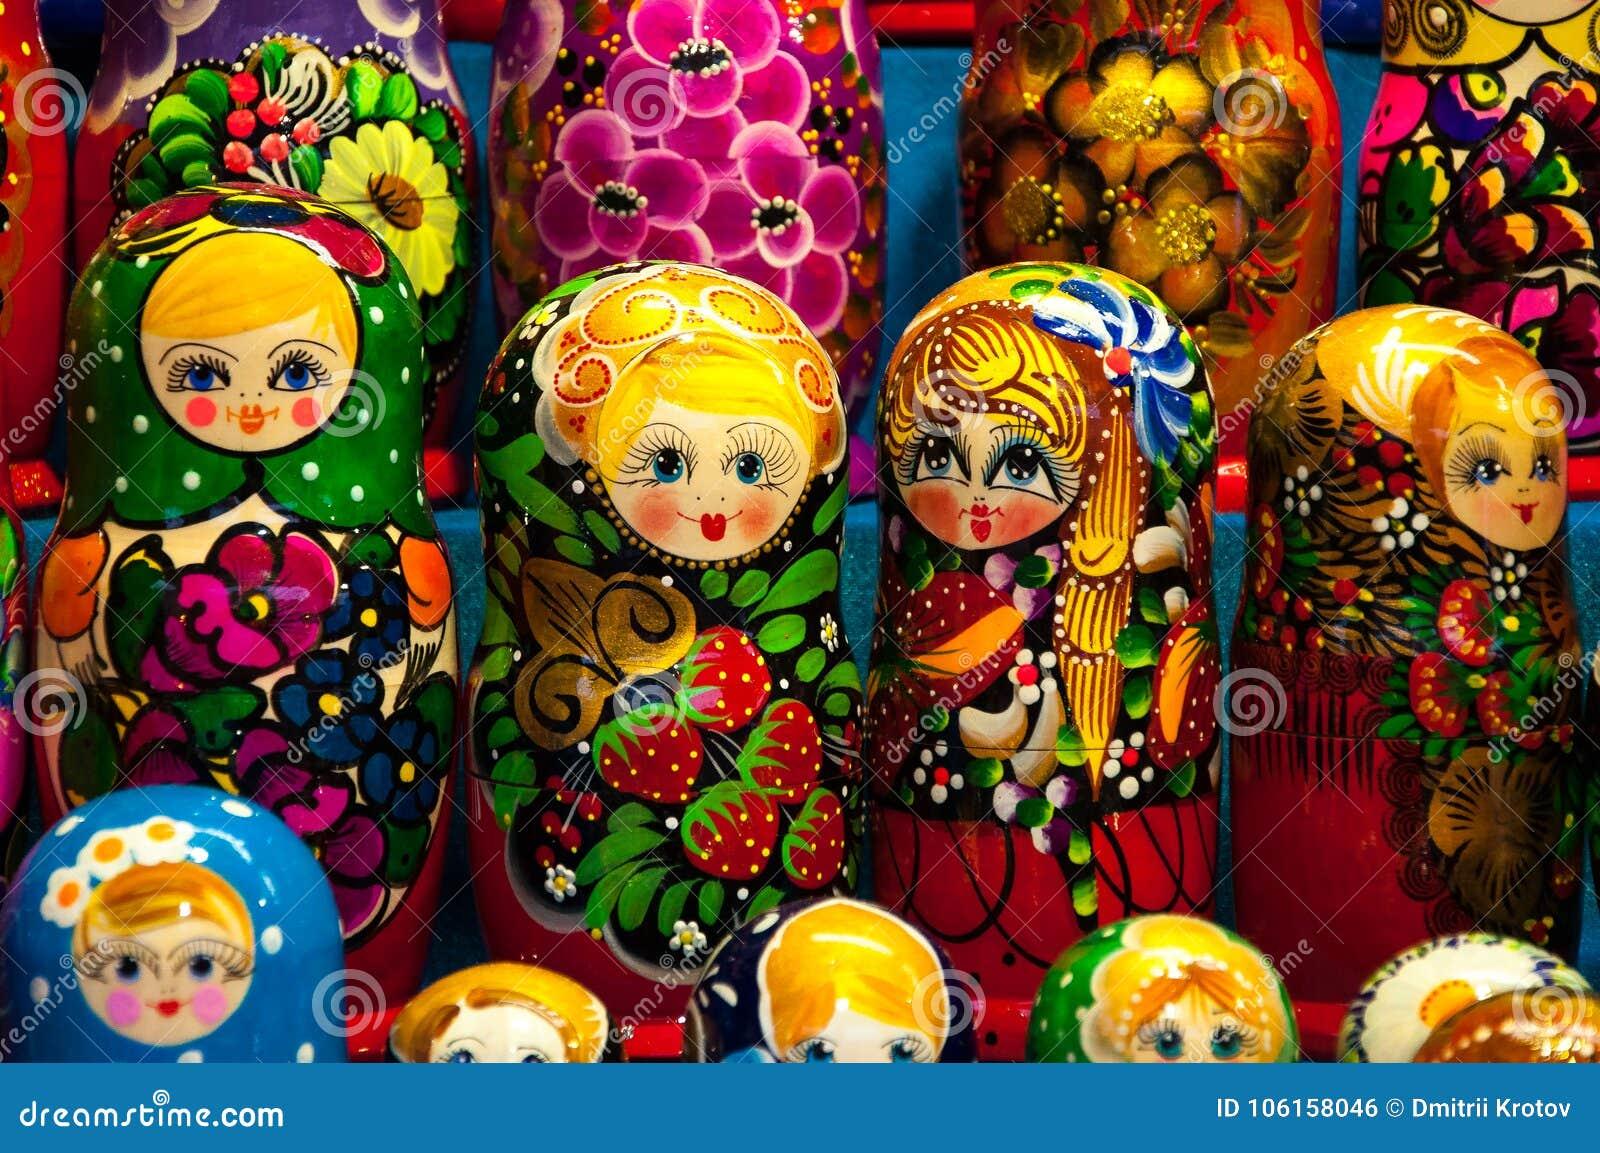 Kerstmismarkt in Rood Vierkant, Moskou Verkoop van speelgoed, beroemde en populaire sprookjekarakters, beeldjes Matryoshka